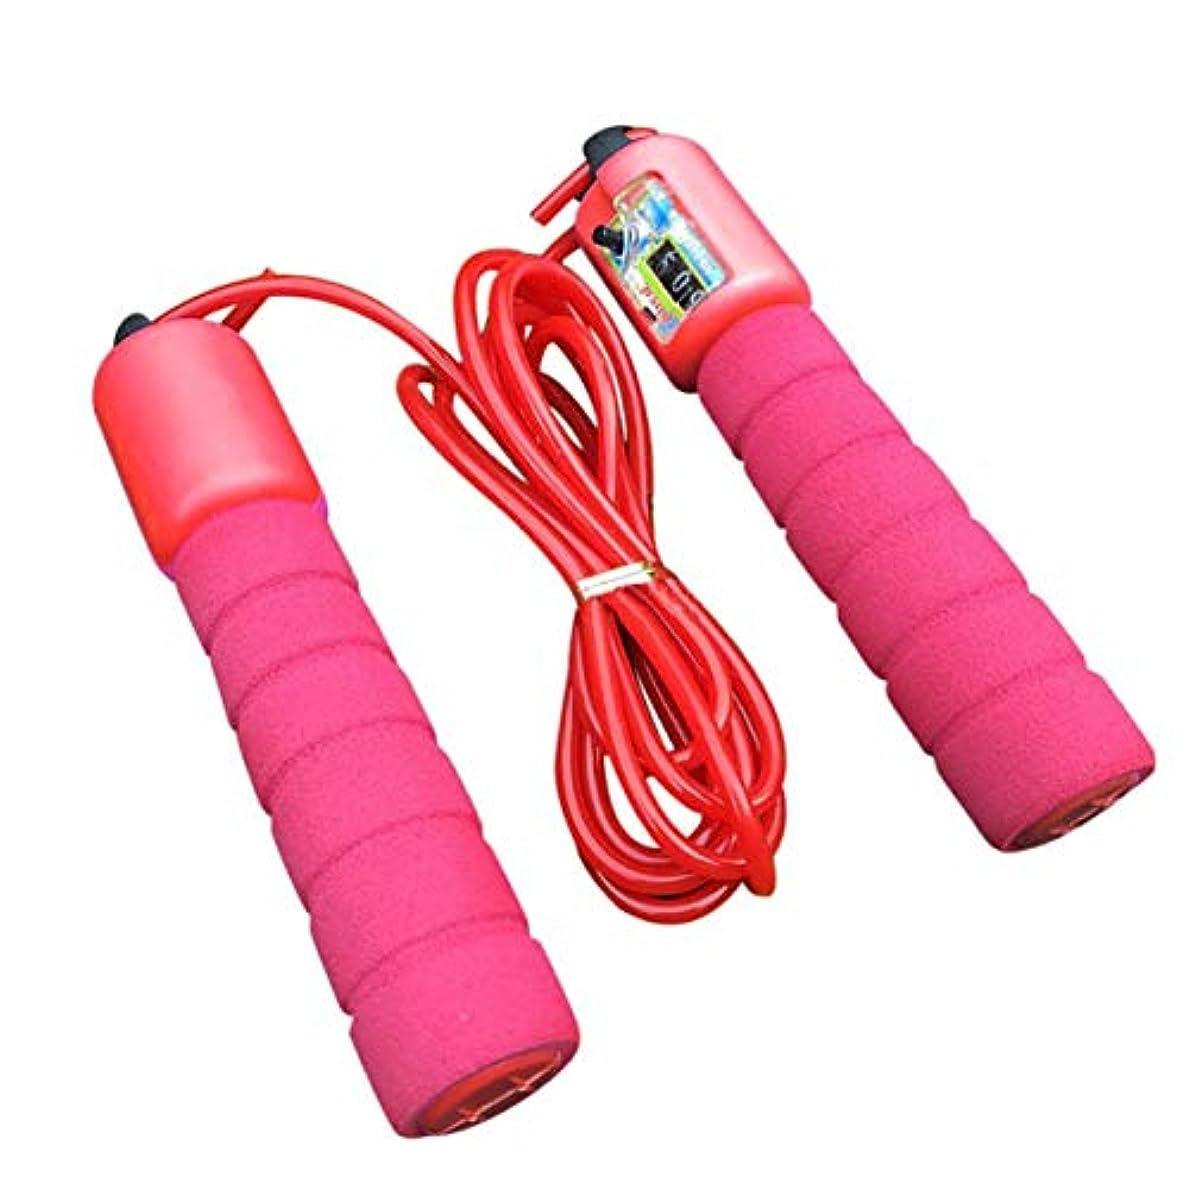 デッド良性平らにする調整可能なプロフェッショナルカウントスキップロープ自動カウントジャンプロープフィットネス運動高速カウントカウントジャンプロープ-赤